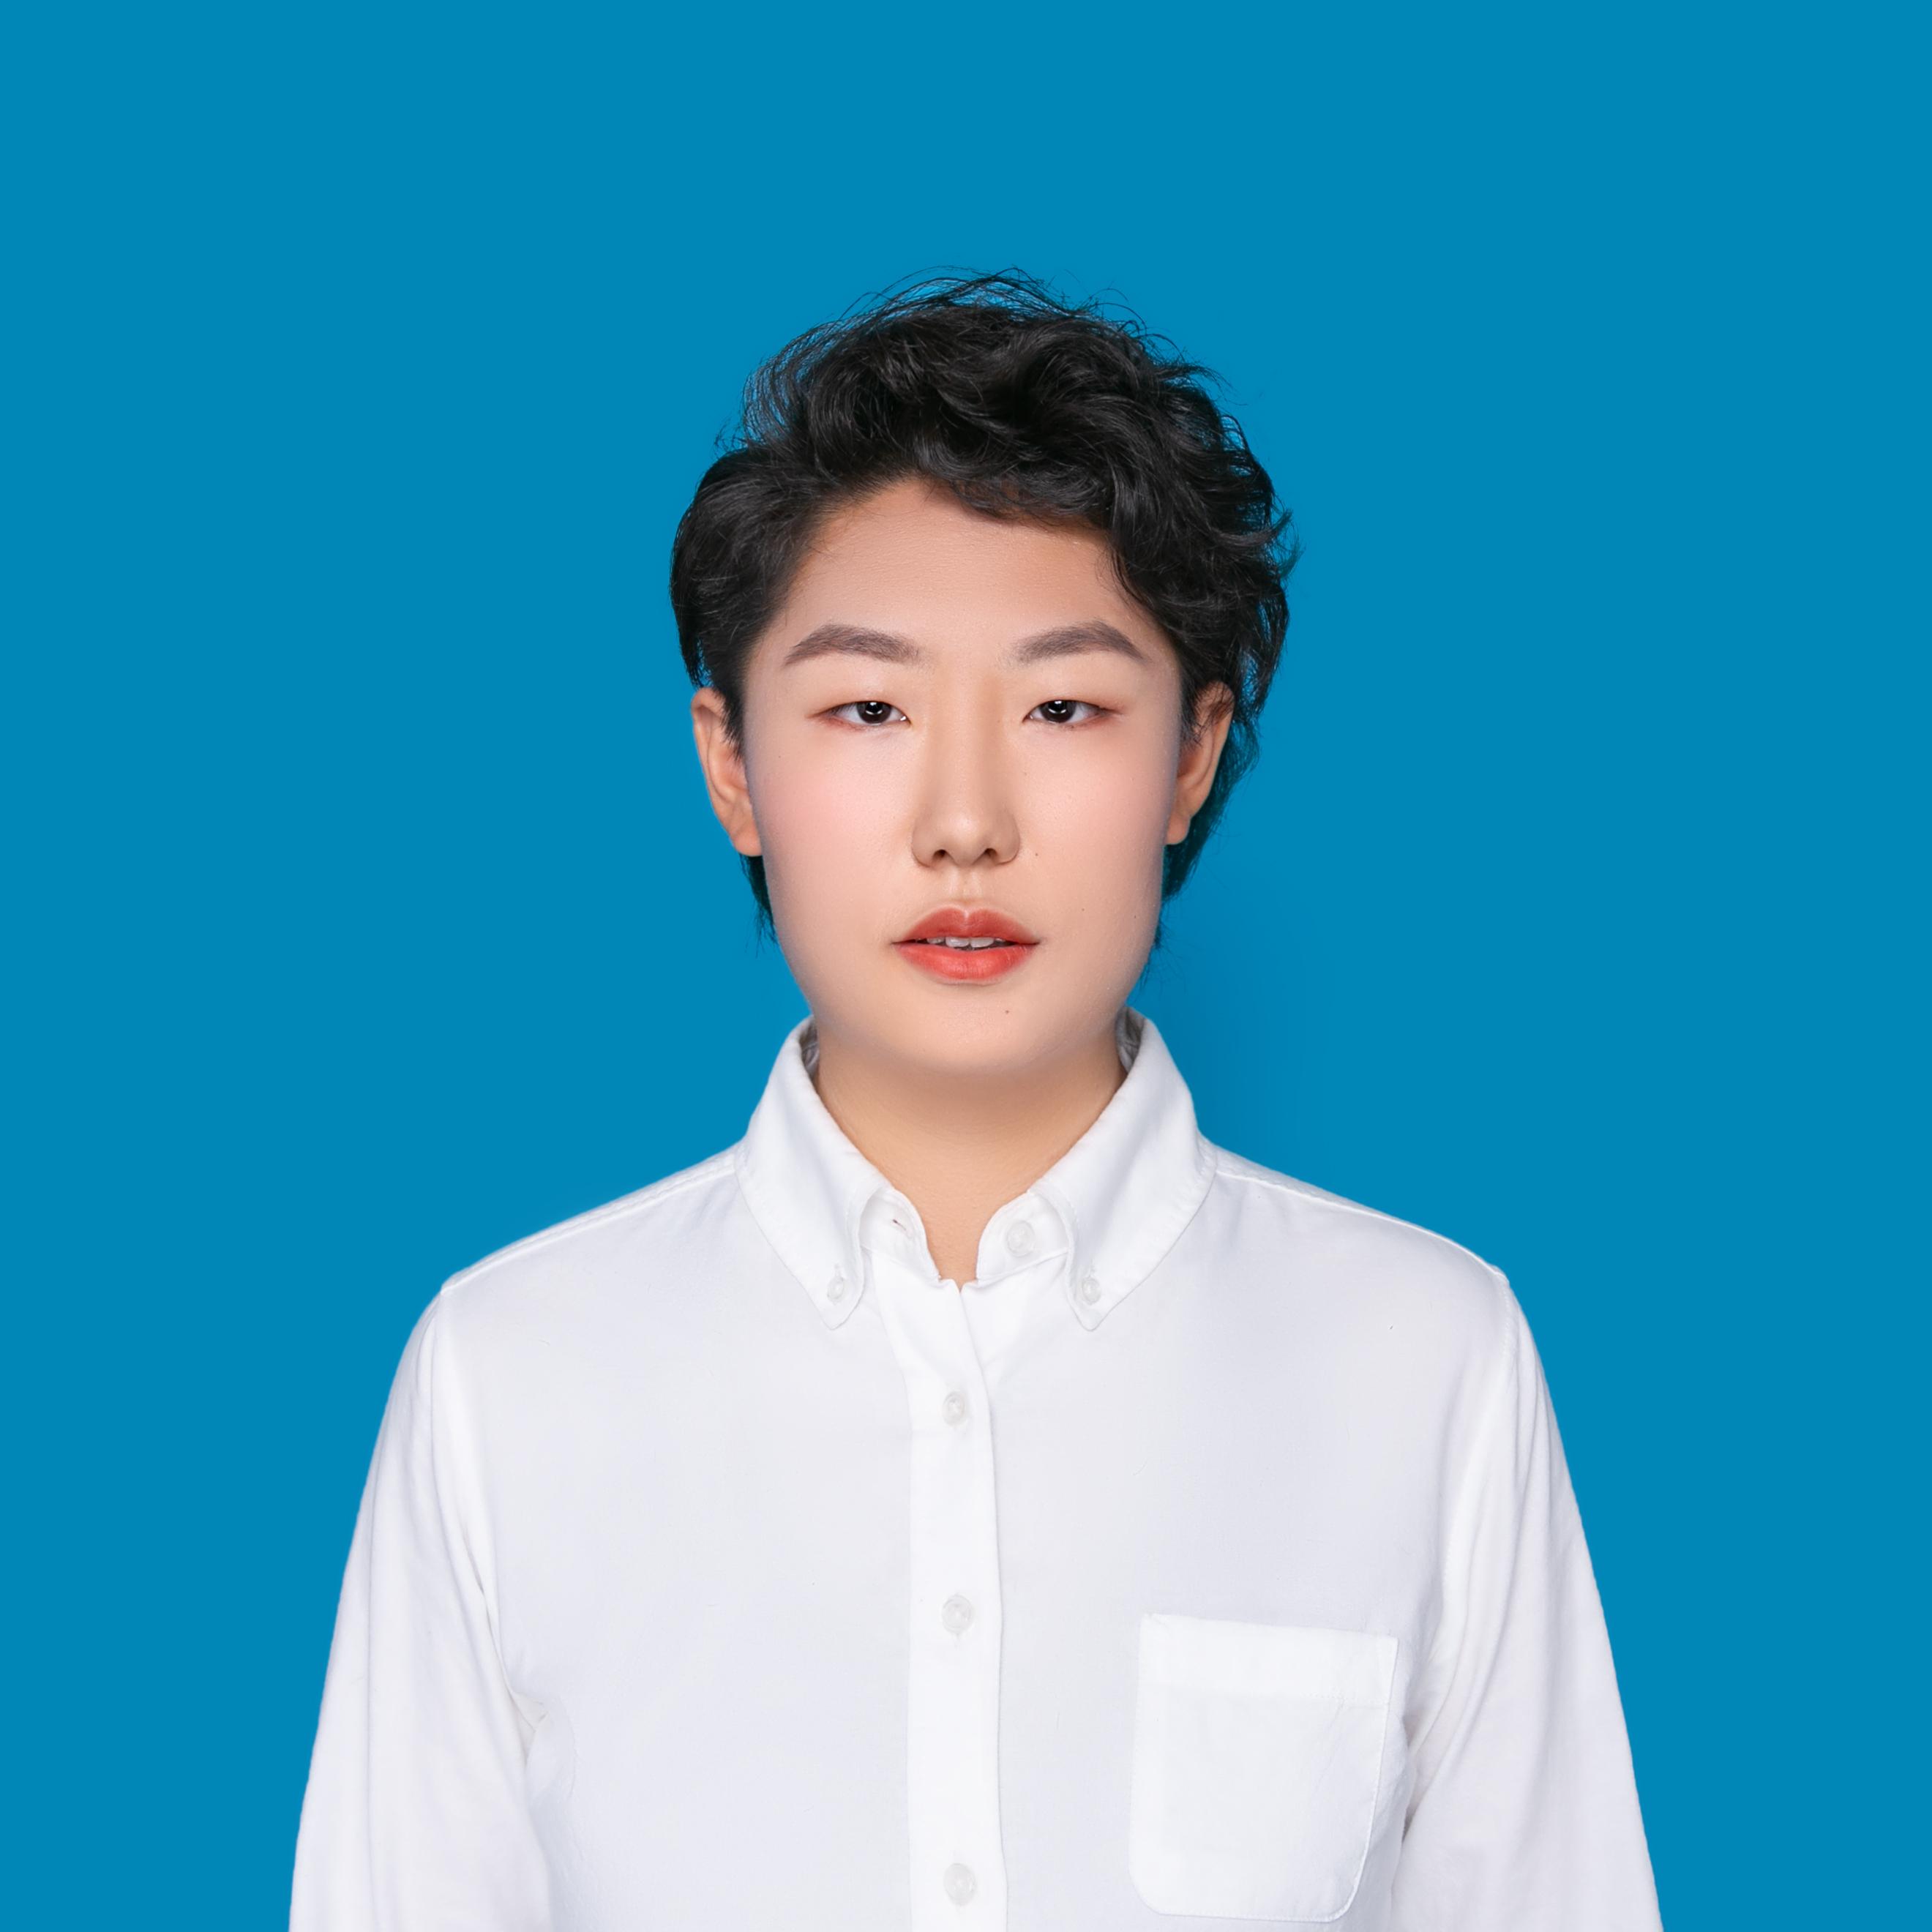 北京家教吕教员